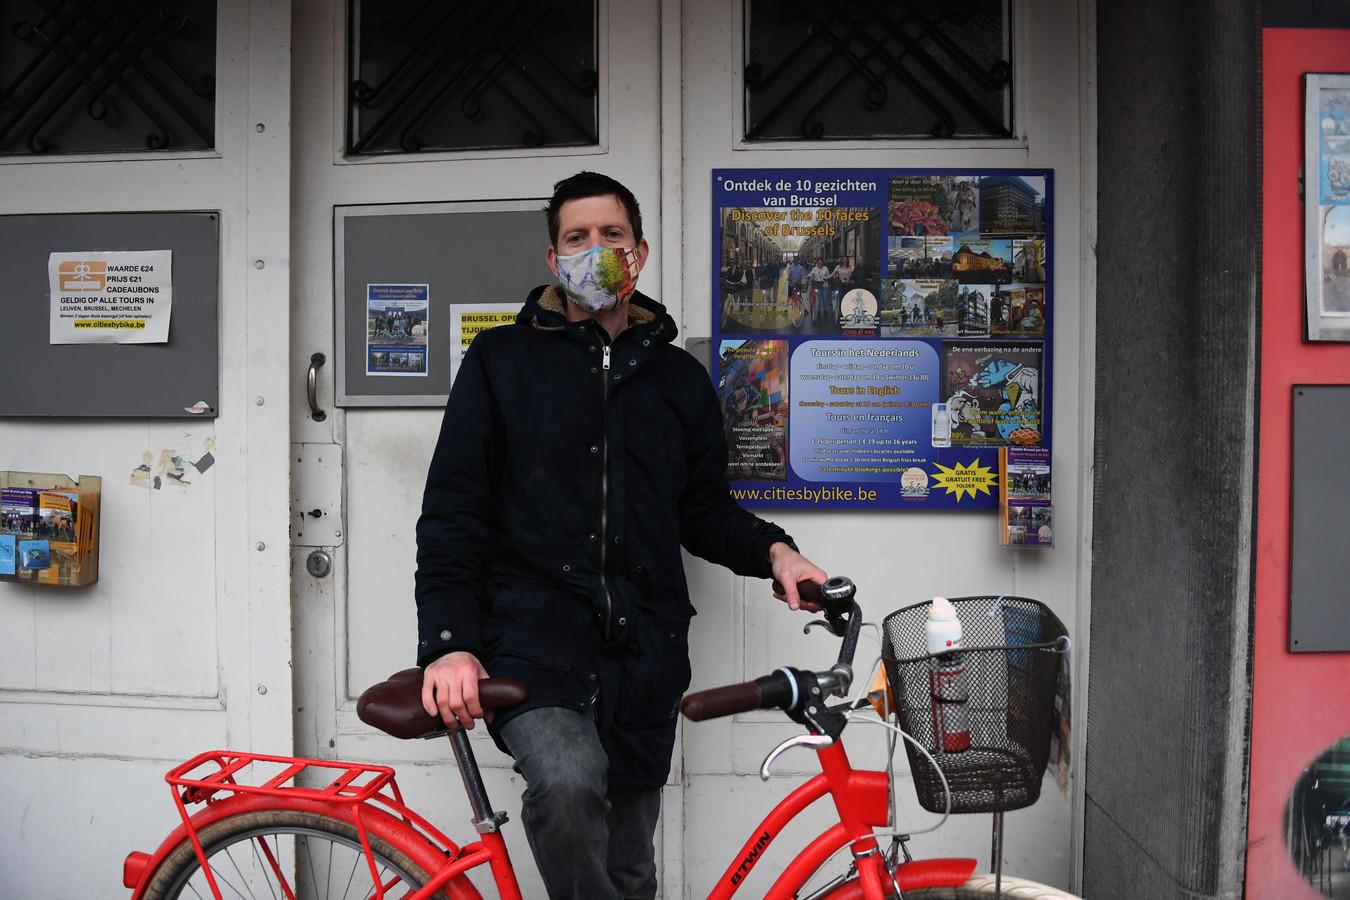 Robin Van Hoovels (38) gidst bij Cities By Bike. Hij diende klacht in tegen de man die hem probeerde te schoppen.